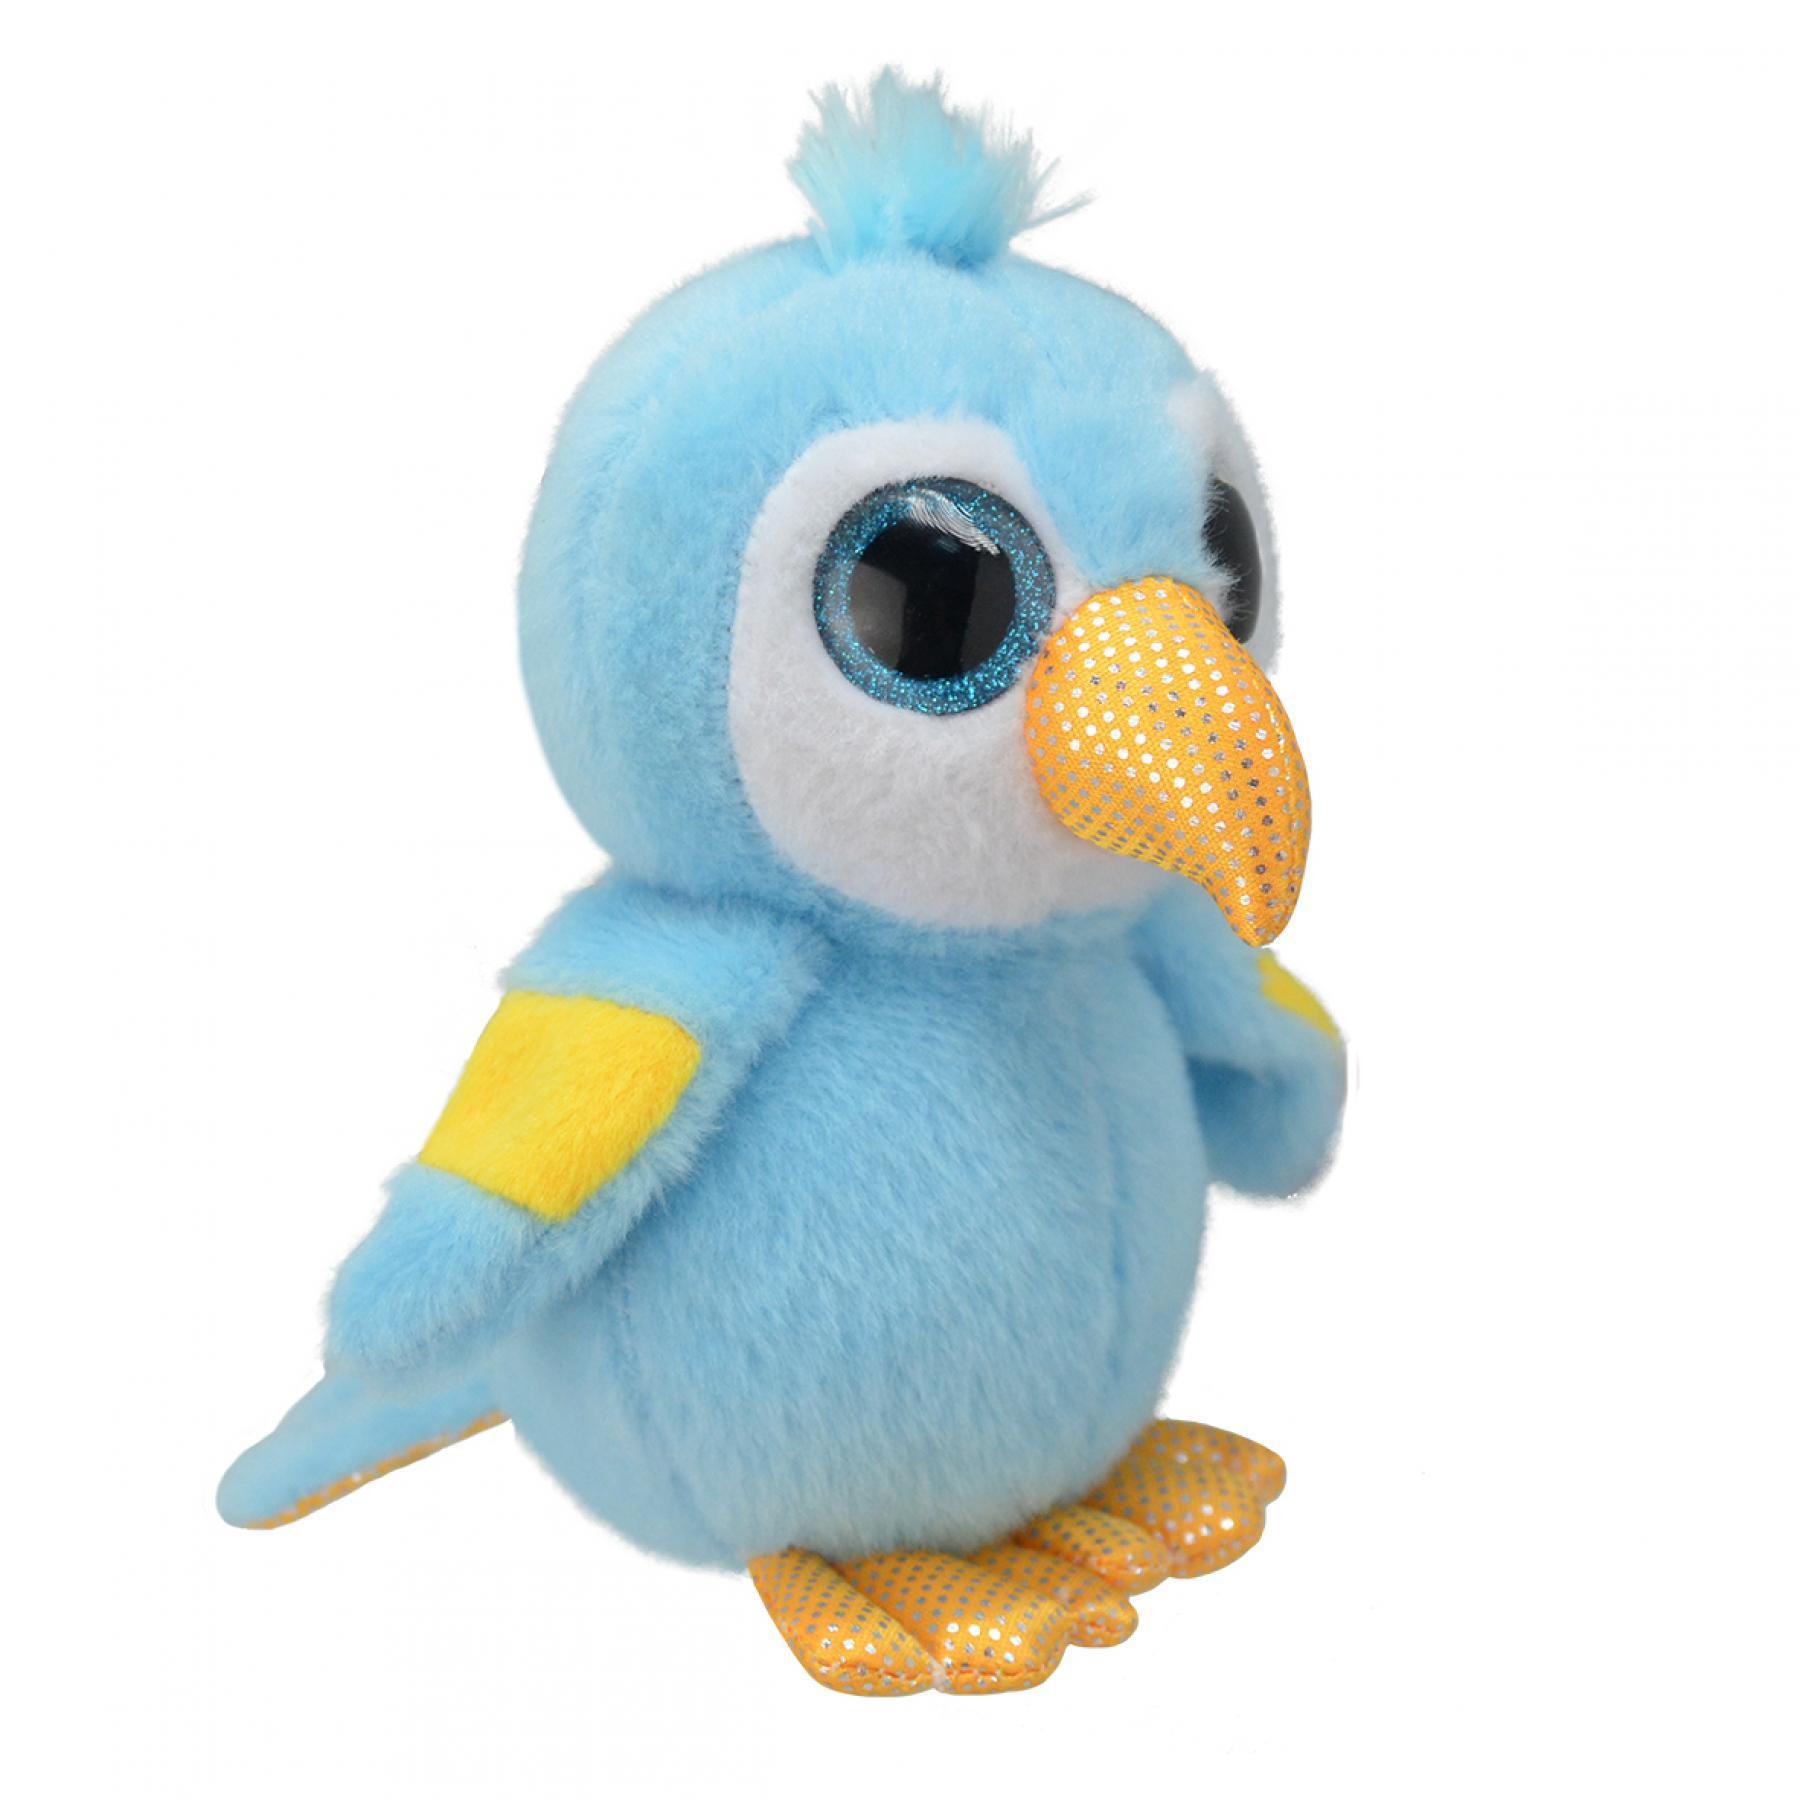 Animais de pelúcia animais de pelúcia brinquedo macio do planeta selvagem macaw 15 cm para crianças jogos para meninos e meninas para crianças brinquedos macios animais de pelúcia